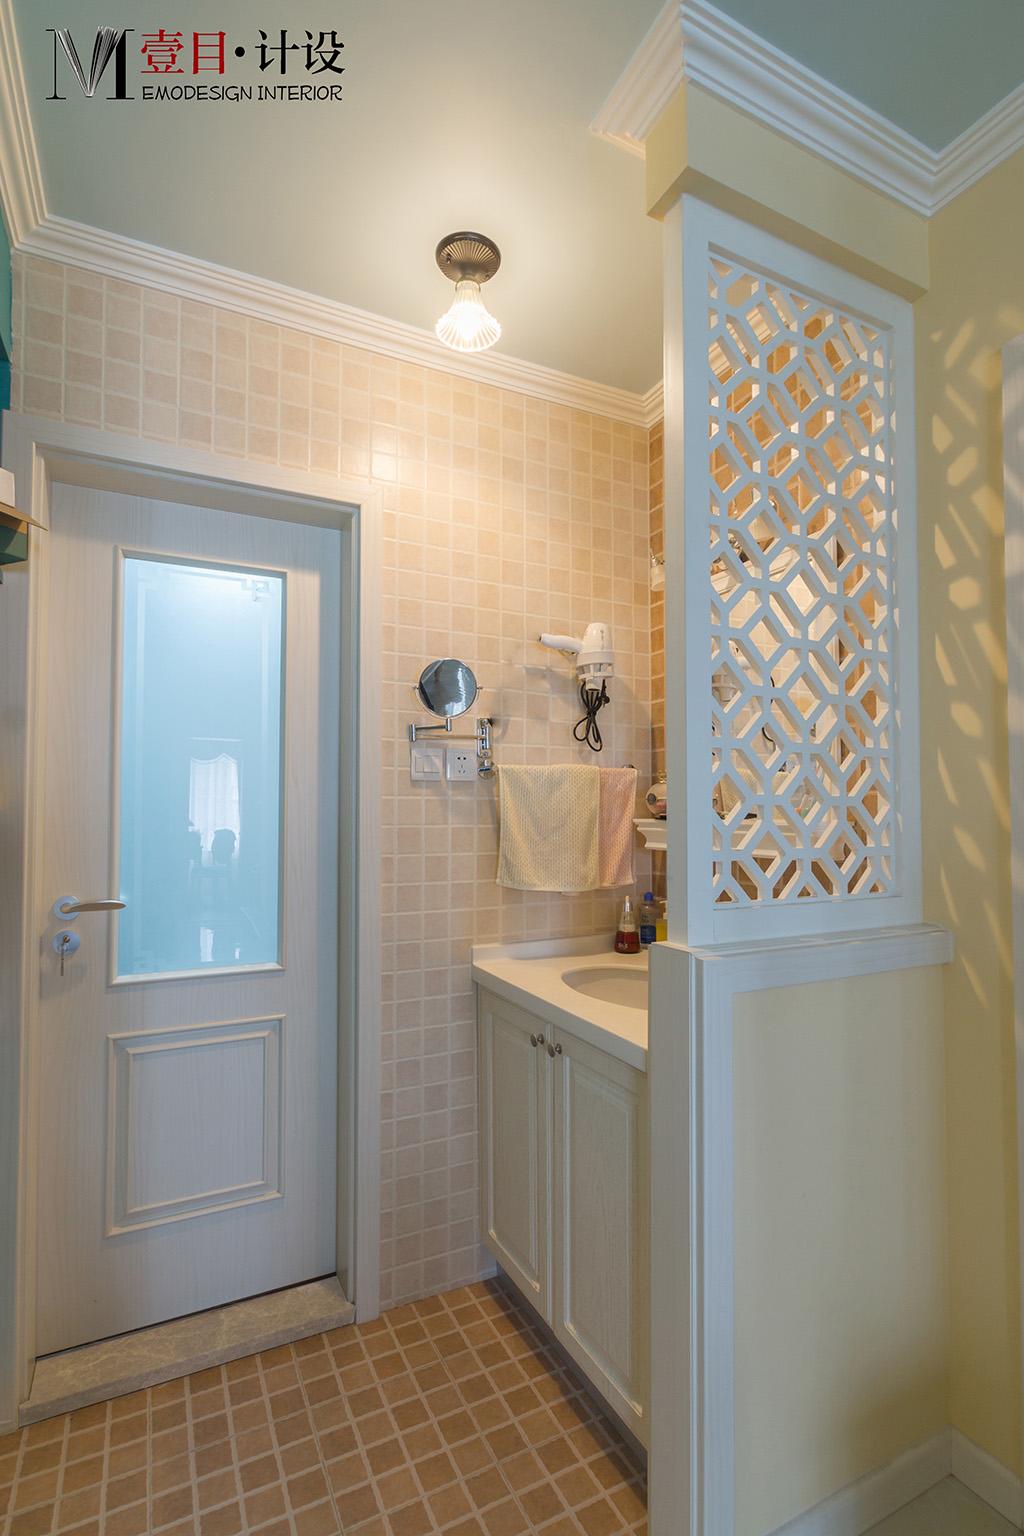 二居 混搭 收纳 旧房改造 80后 小资 卫生间图片来自壹目设计在《壹目设计》的分享